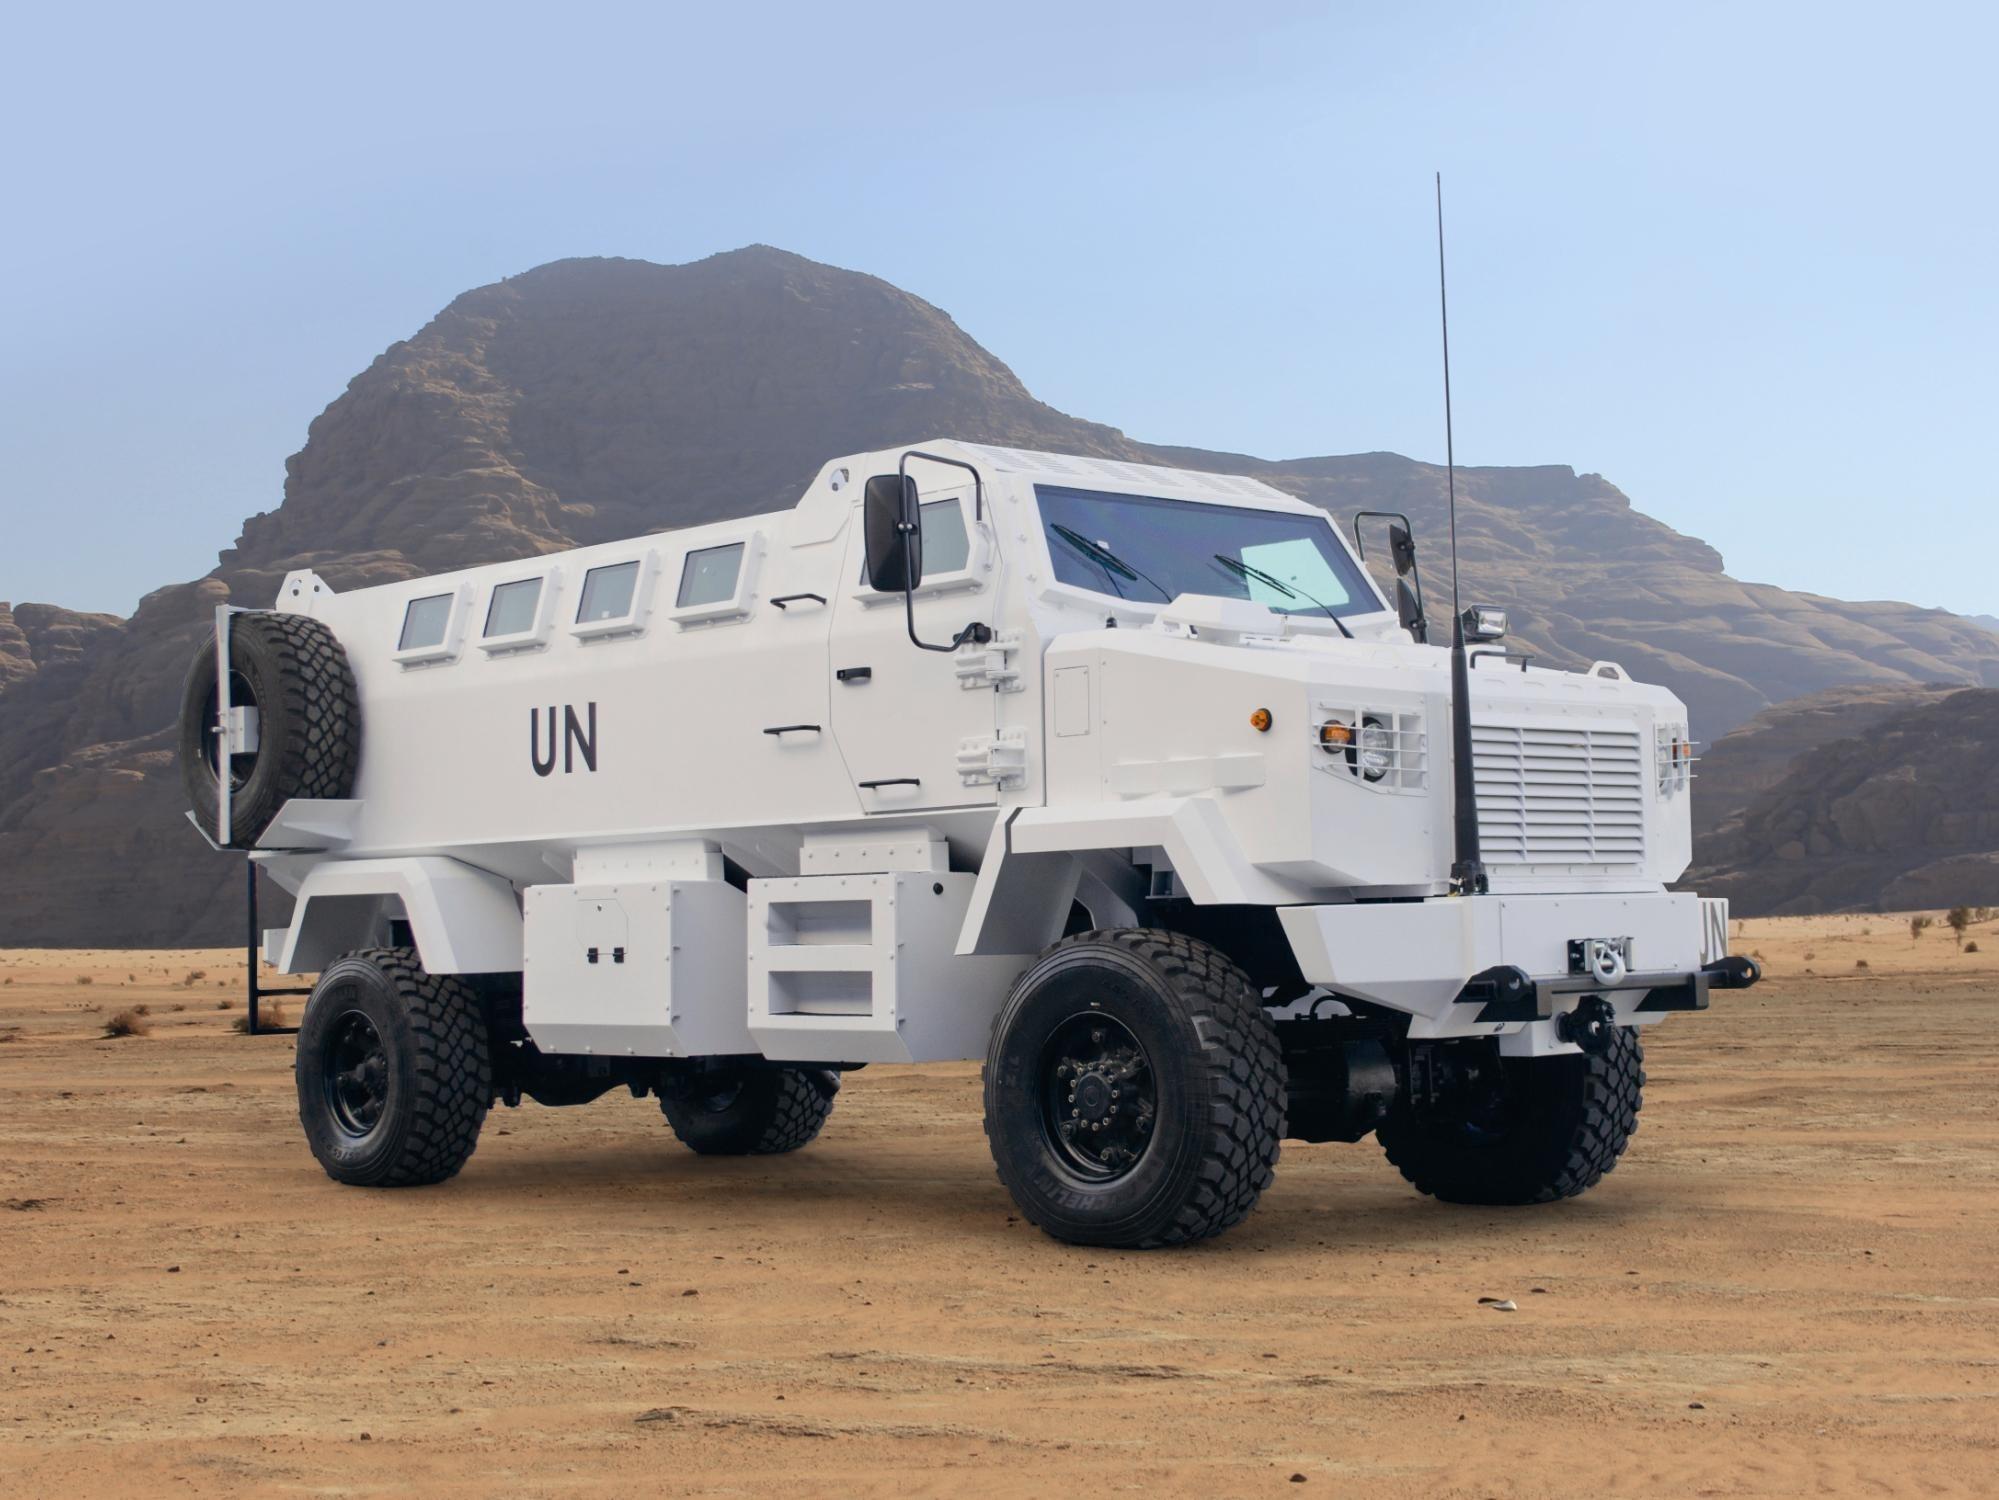 """""""Армии нужны более серьезные машины, чем БТР, - уверен Феникс, - такие, как """"КрАЗ"""" """"Шрек"""", он выдерживает разрыв фугасной мины под колесами"""". Фото: militaryreview.su"""